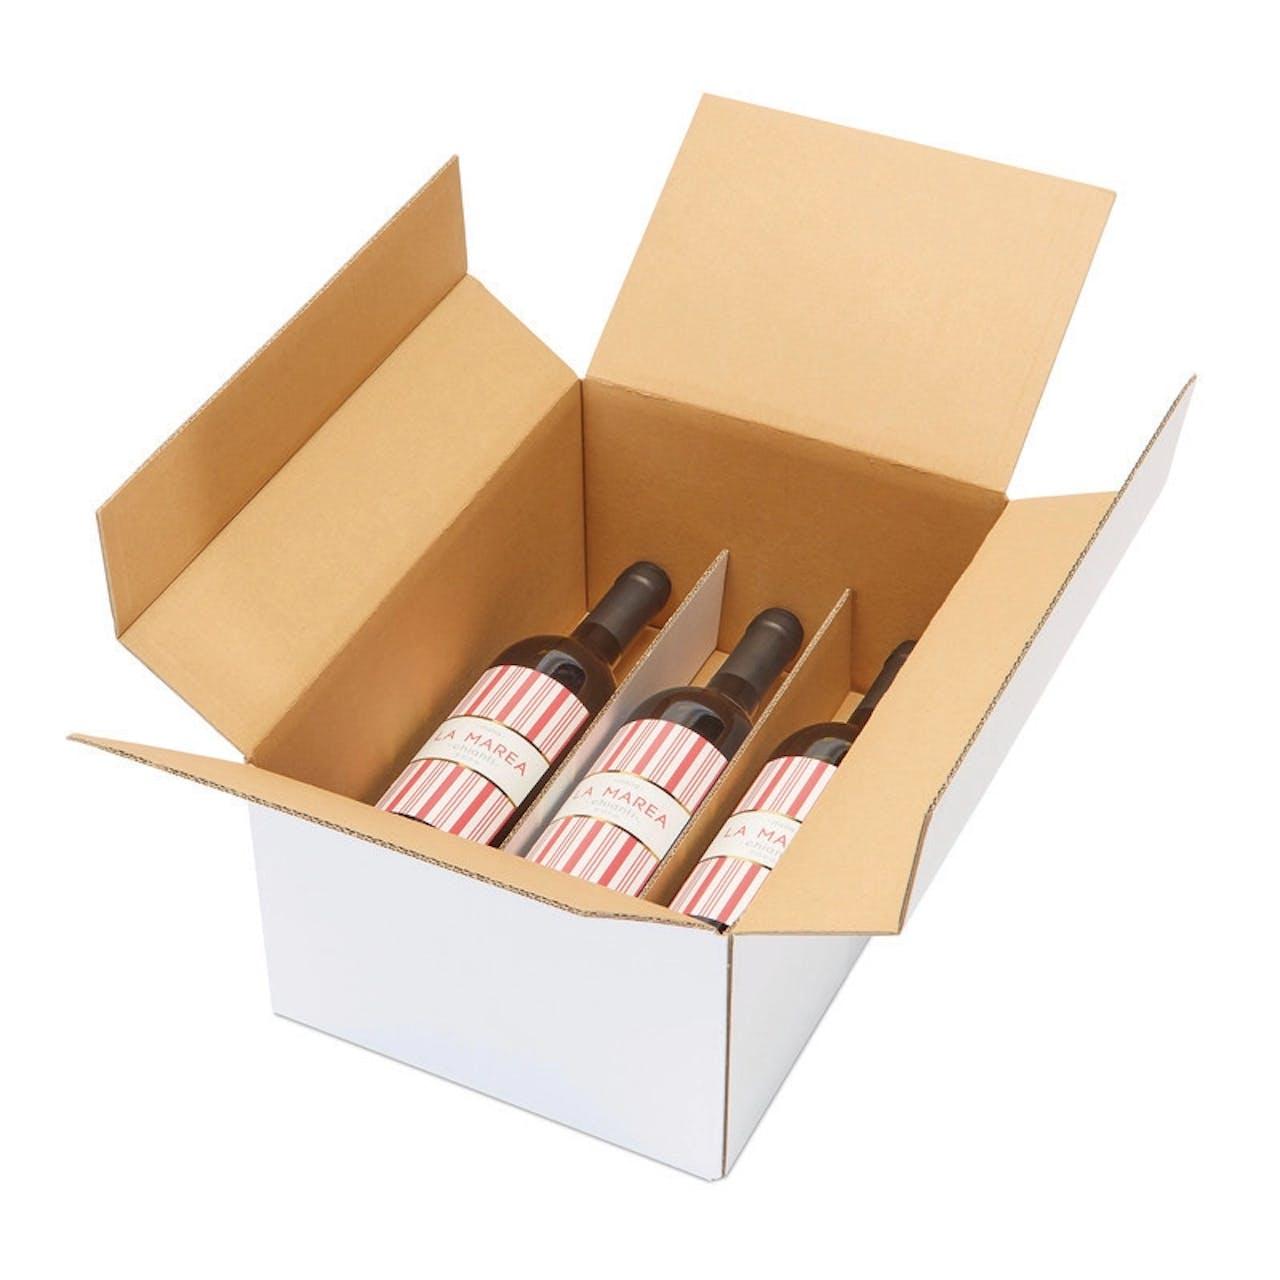 Weinflaschenkarton, liegend, VAR: FKL6